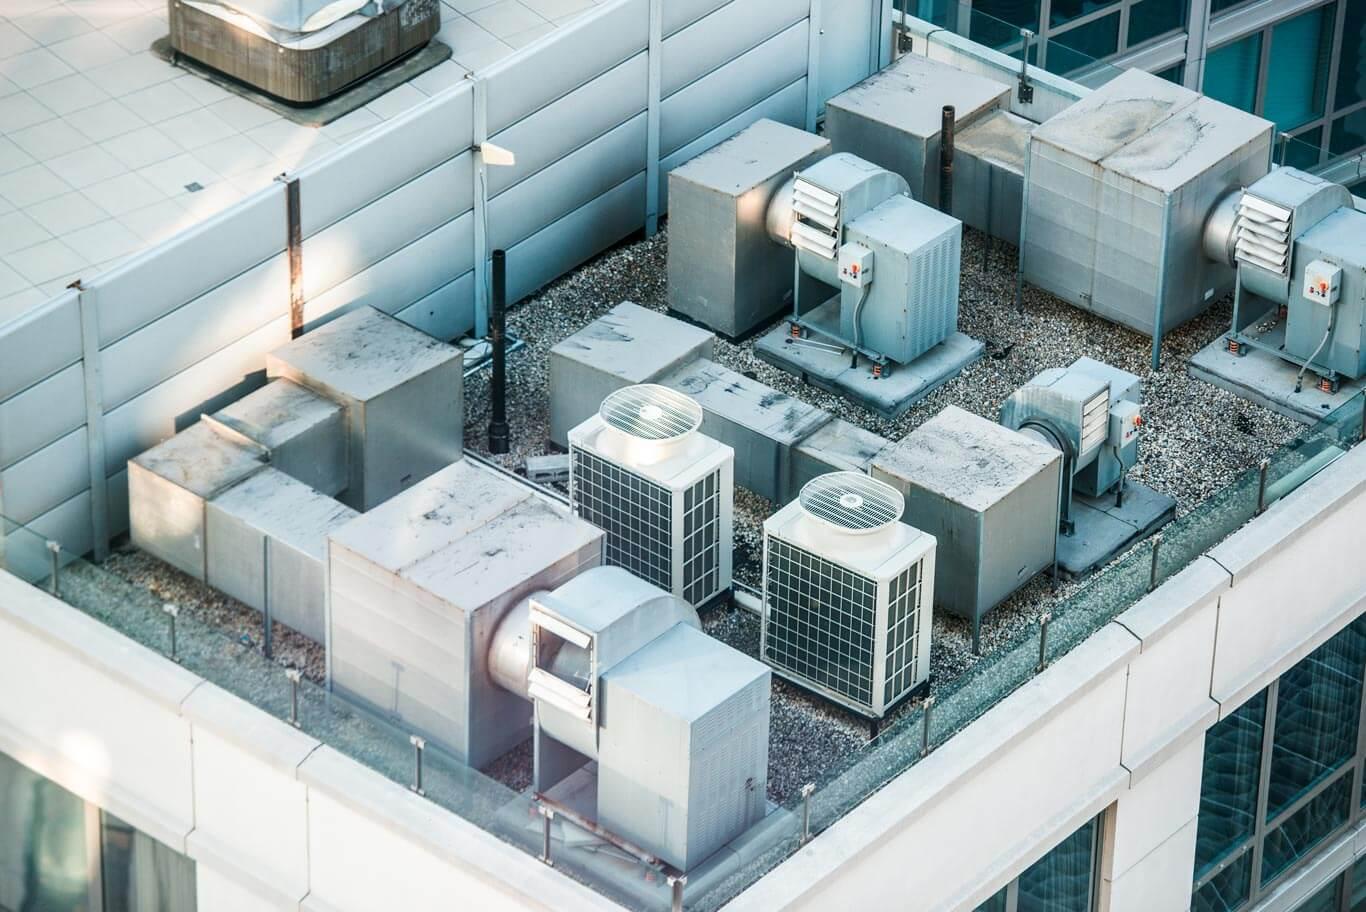 Equipos de control de temperatura industrial en el techo de una instalación.